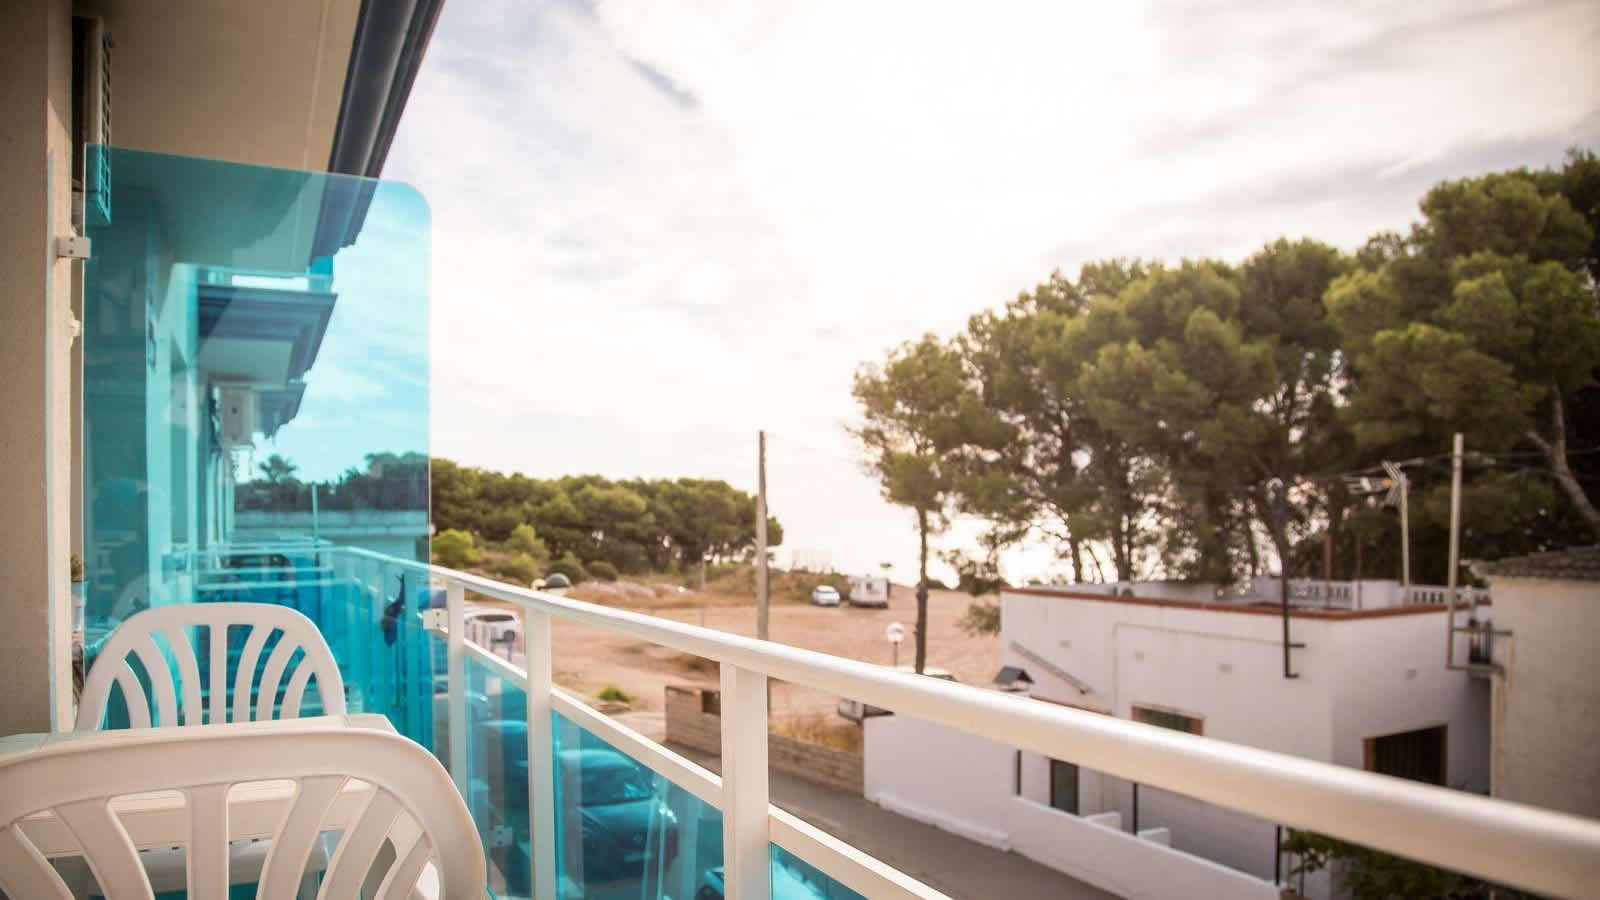 Apartaments Sant Carles de la Ràpita, Alcanar, delta de l'Ebre